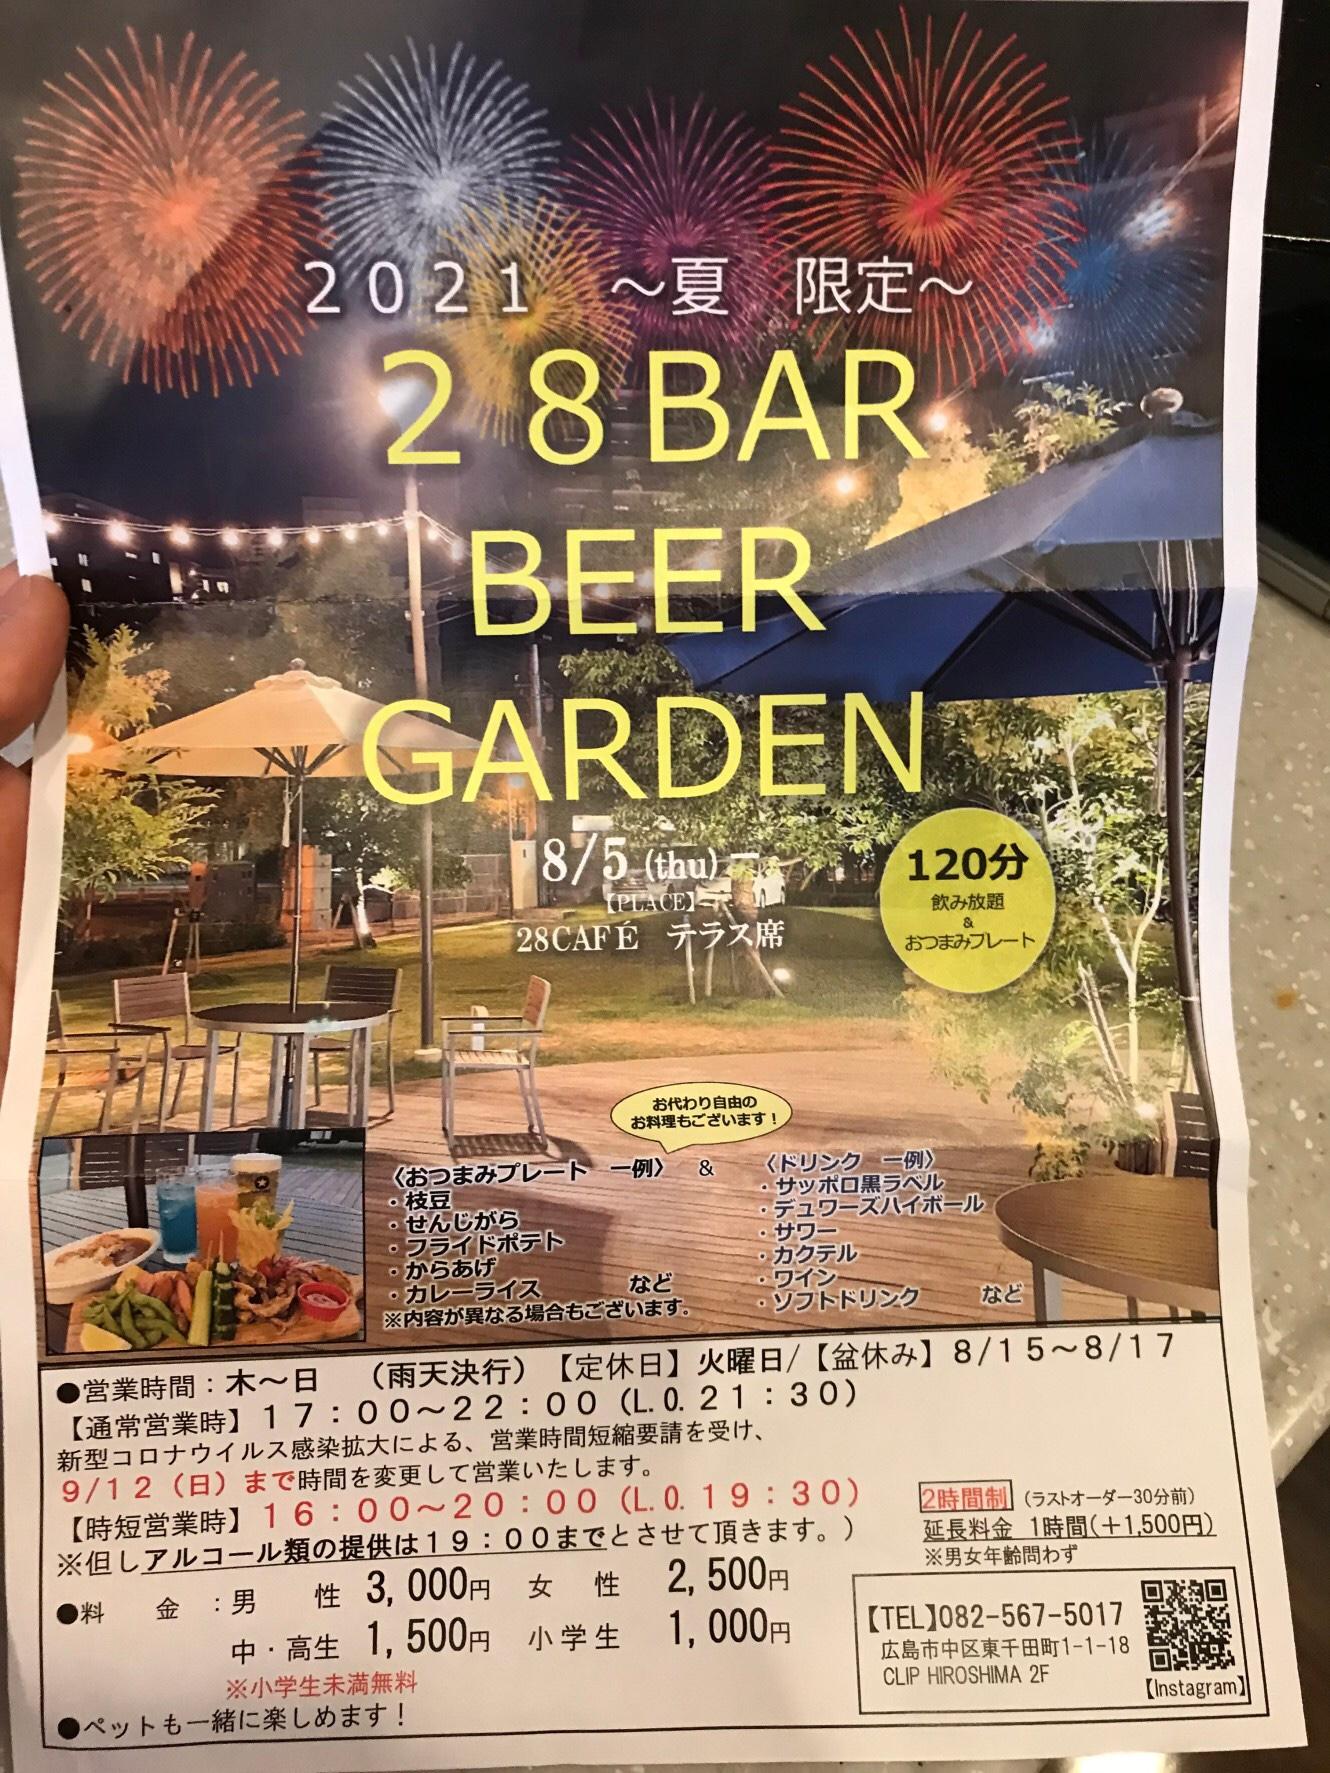 クリップ広島の28カフェ